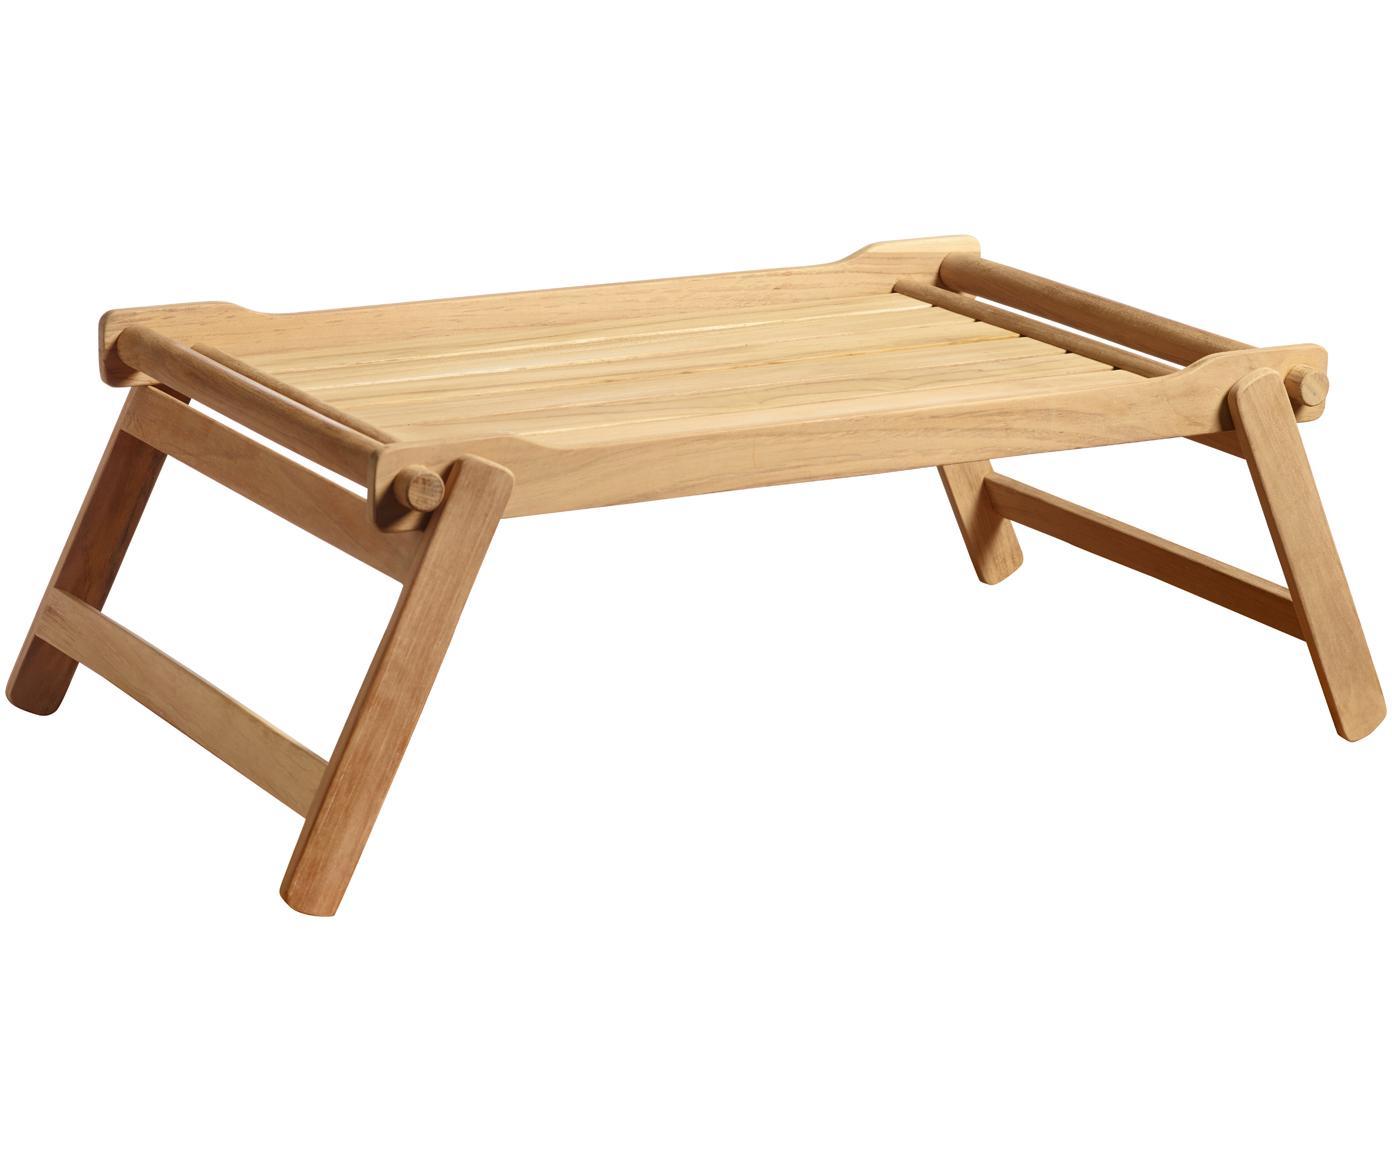 Bandeja de madera Bed, plegable, Madera de teca lijada, Teca, An 58 x F 36 cm